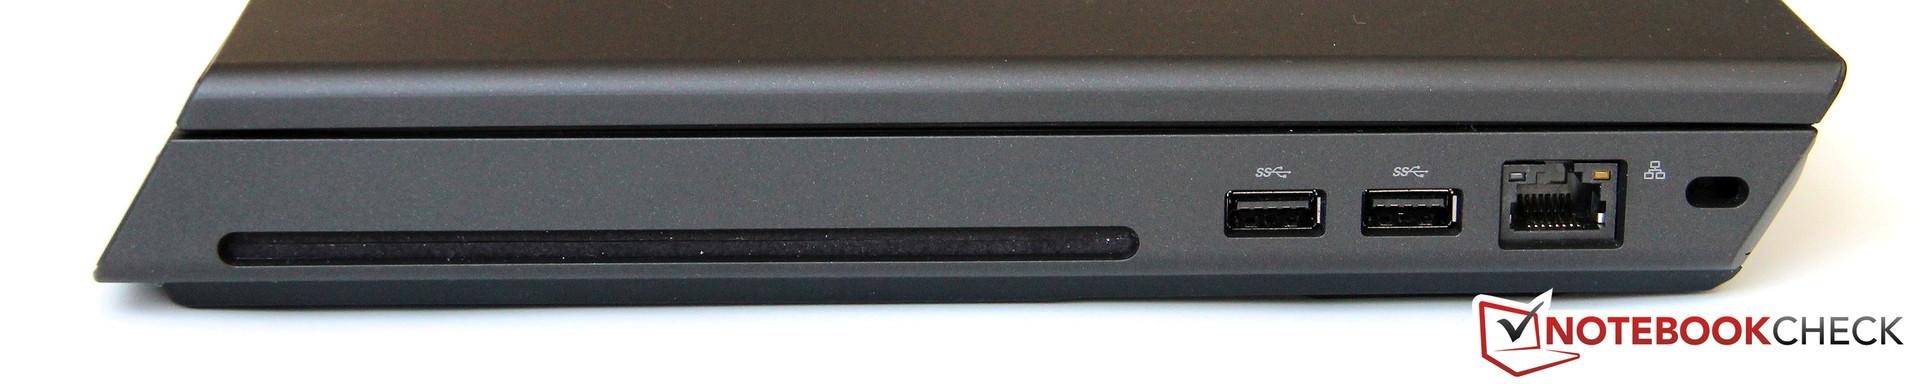 Right Side DVD Writer 2x USB 20 LAN Kensington Lock